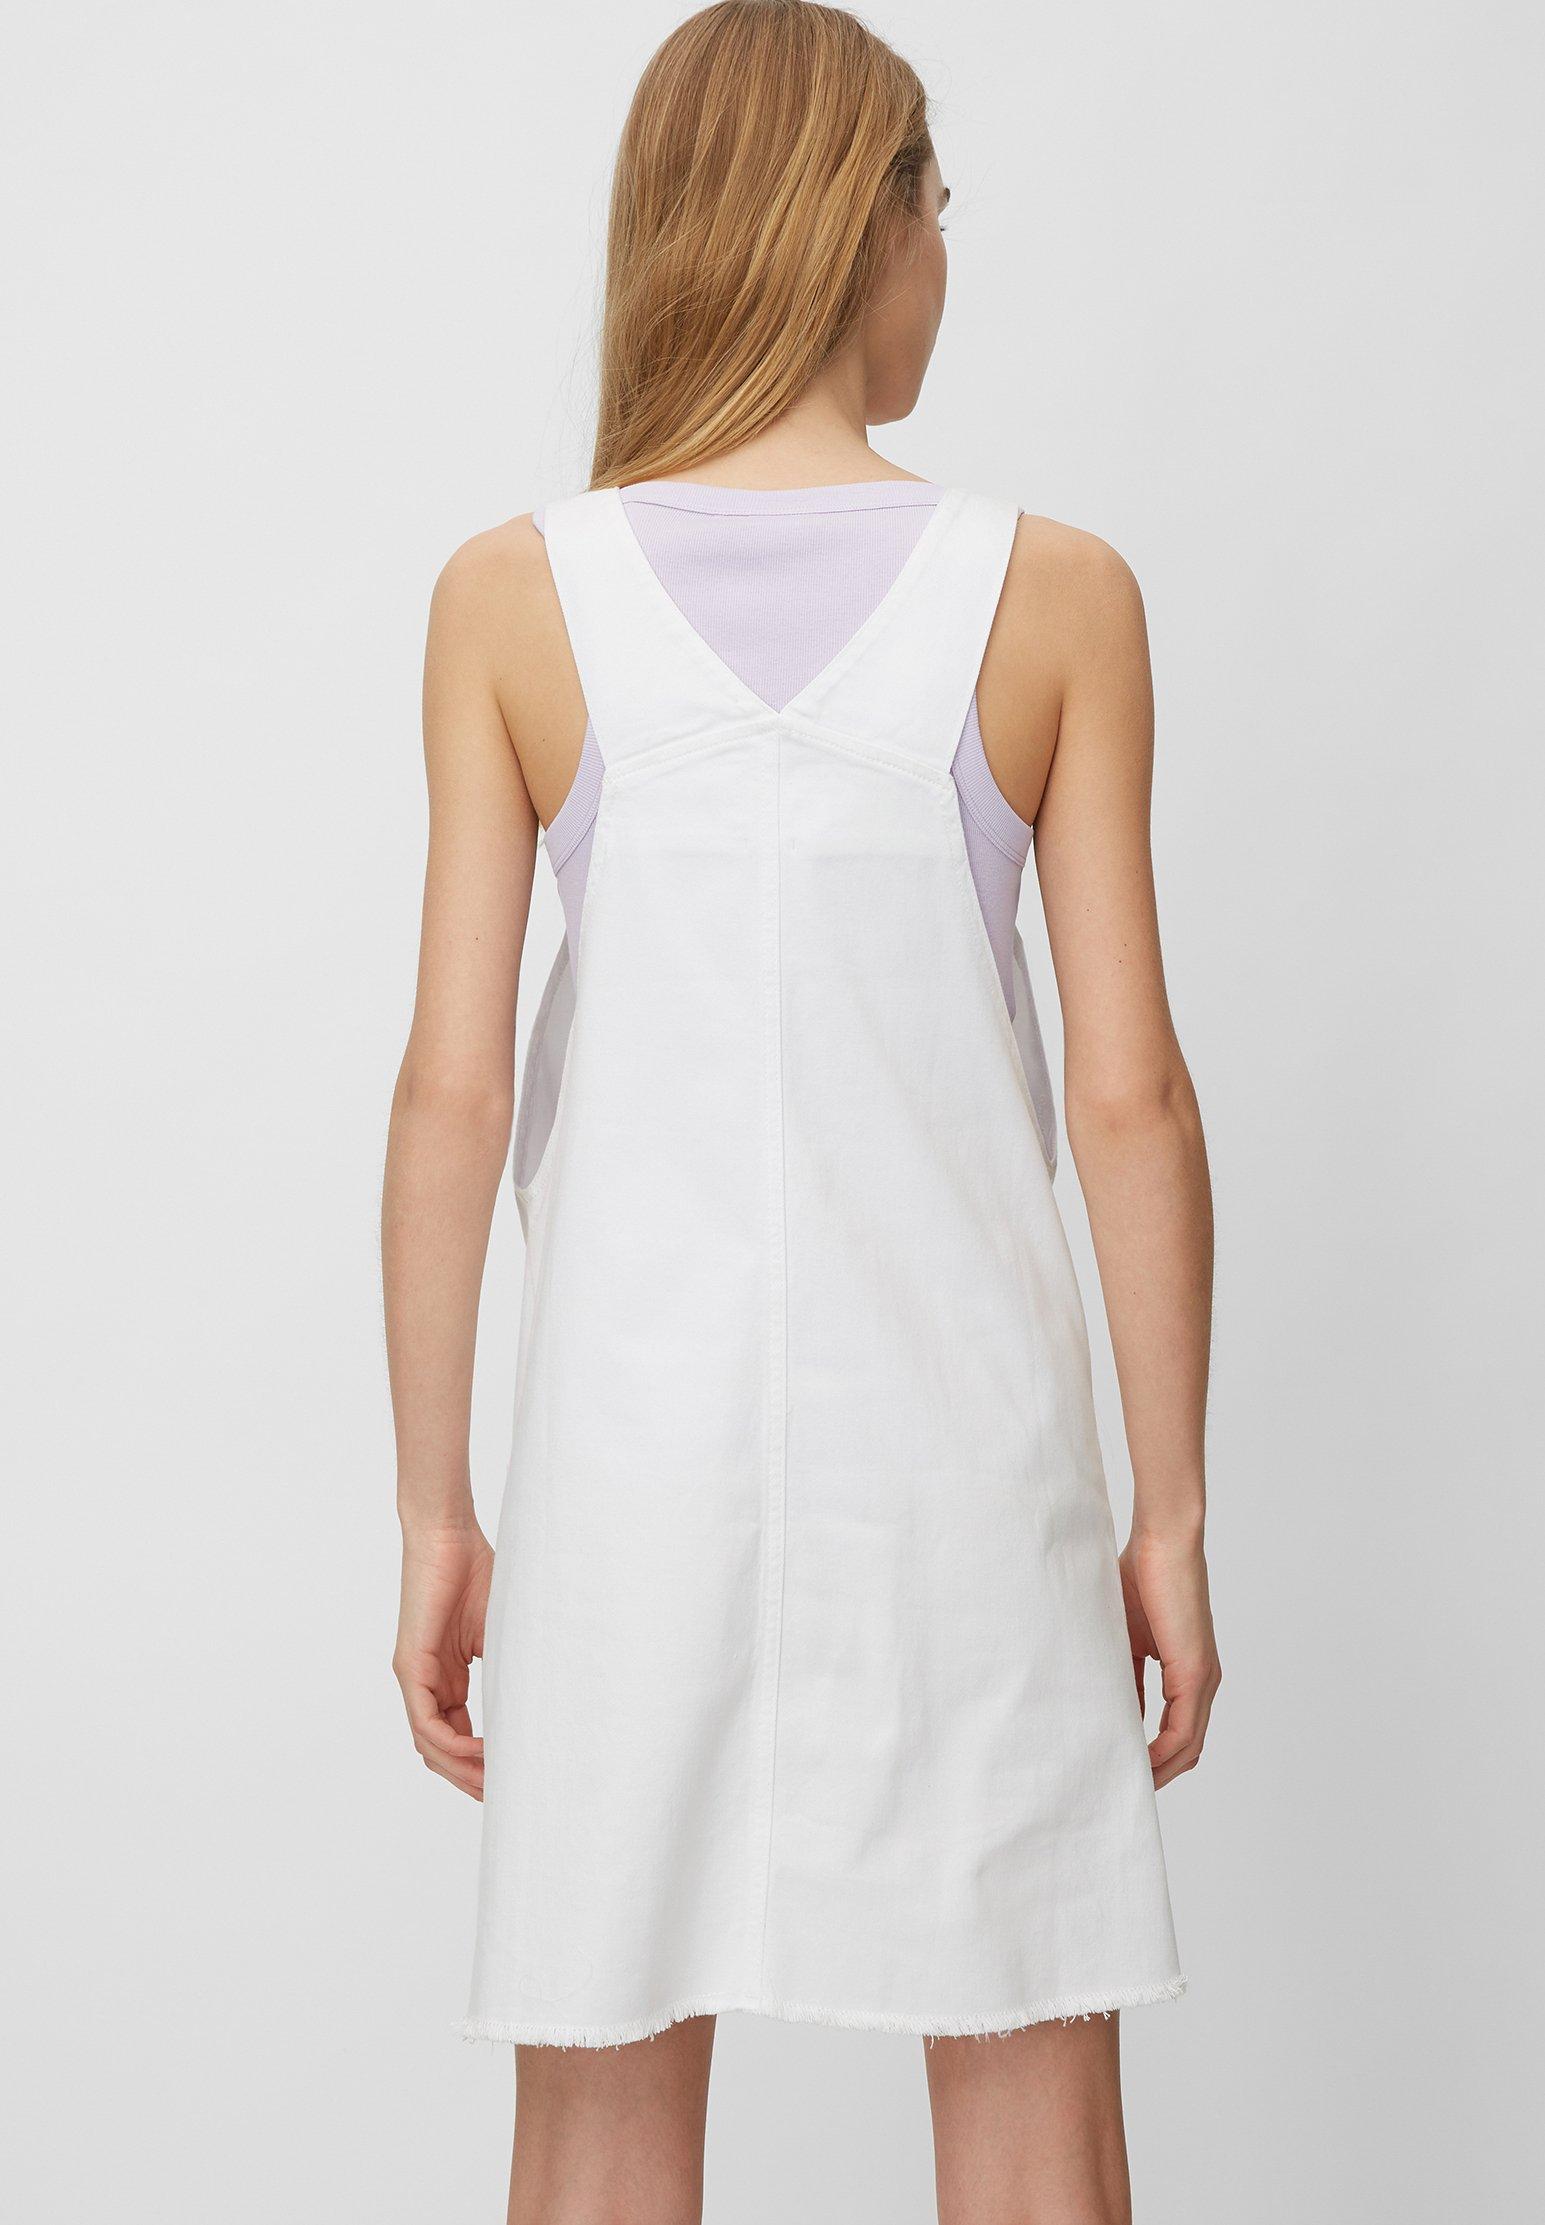 Marc O'Polo DENIM AUS ELASTISCHEM - Jeanskleid - white | Damenbekleidung 2020